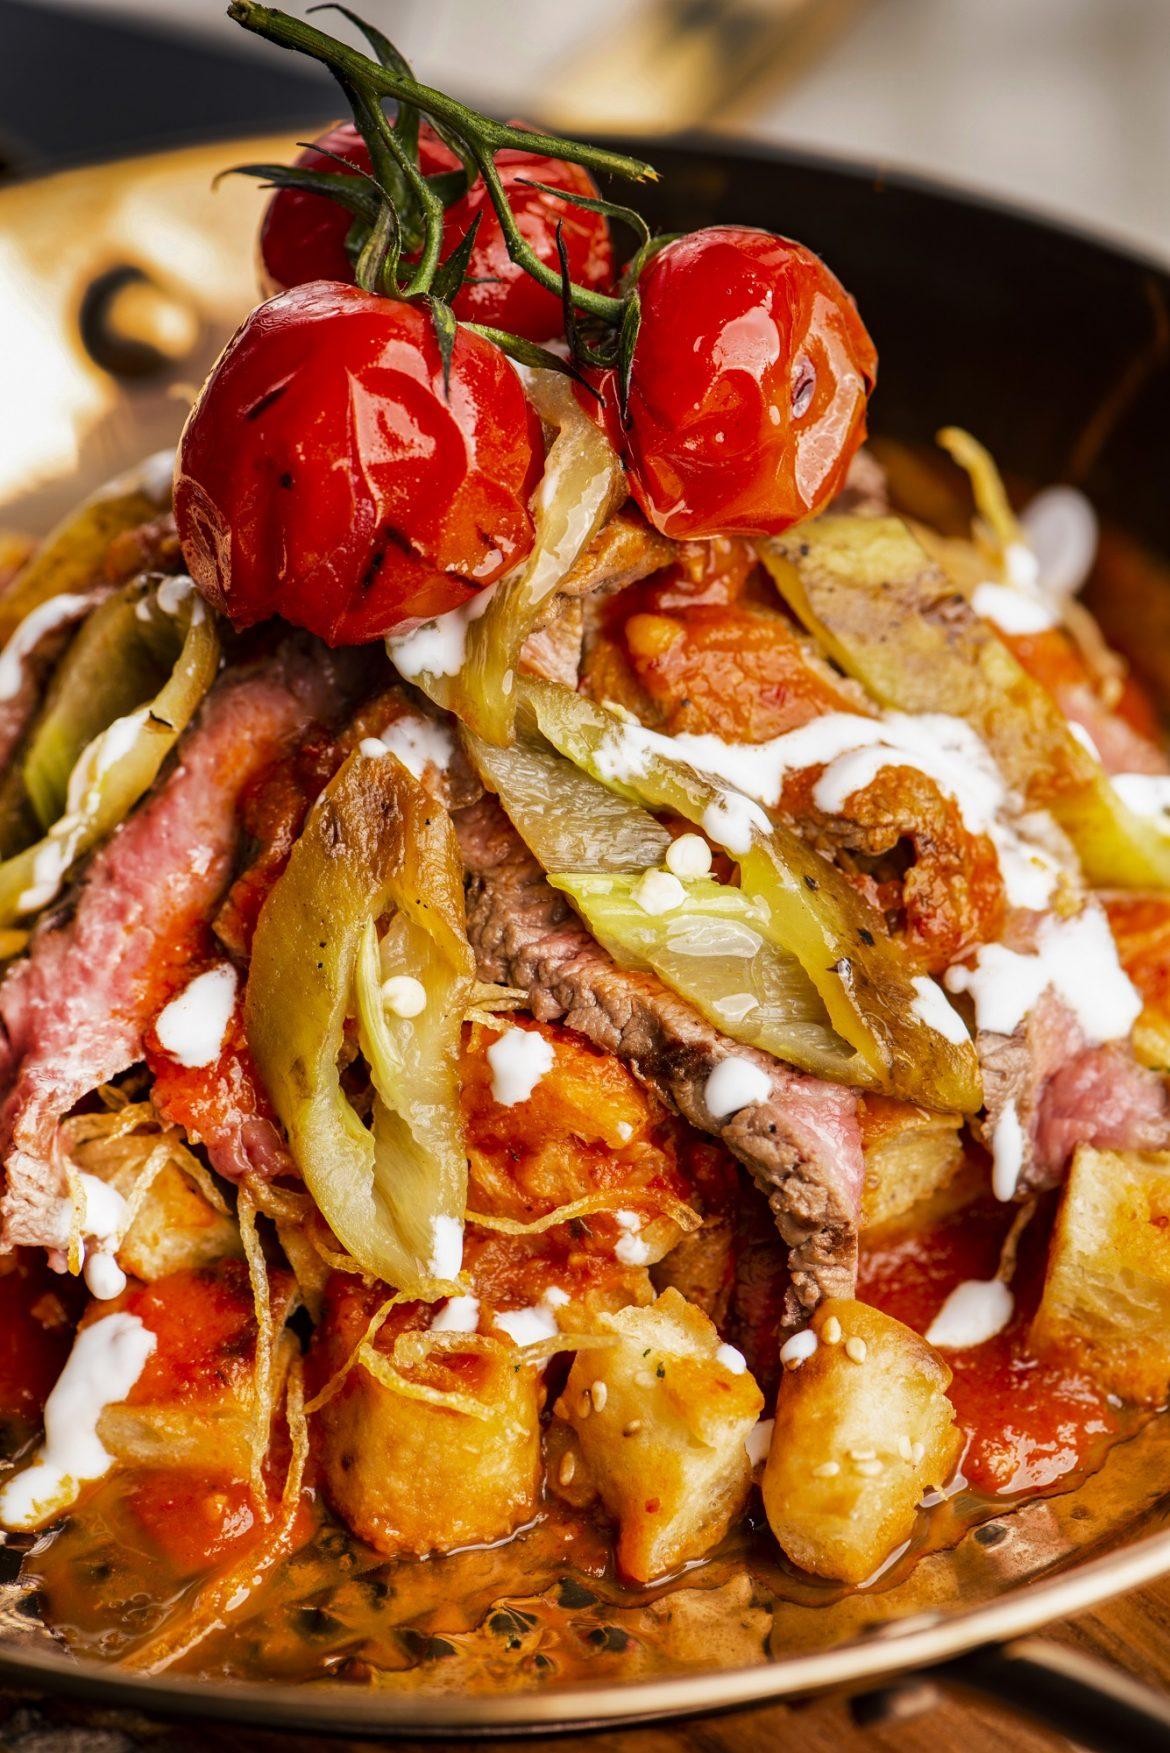 مطعم دورز فريستايل غريل يعلن عن قائمة طعامه الجديدة